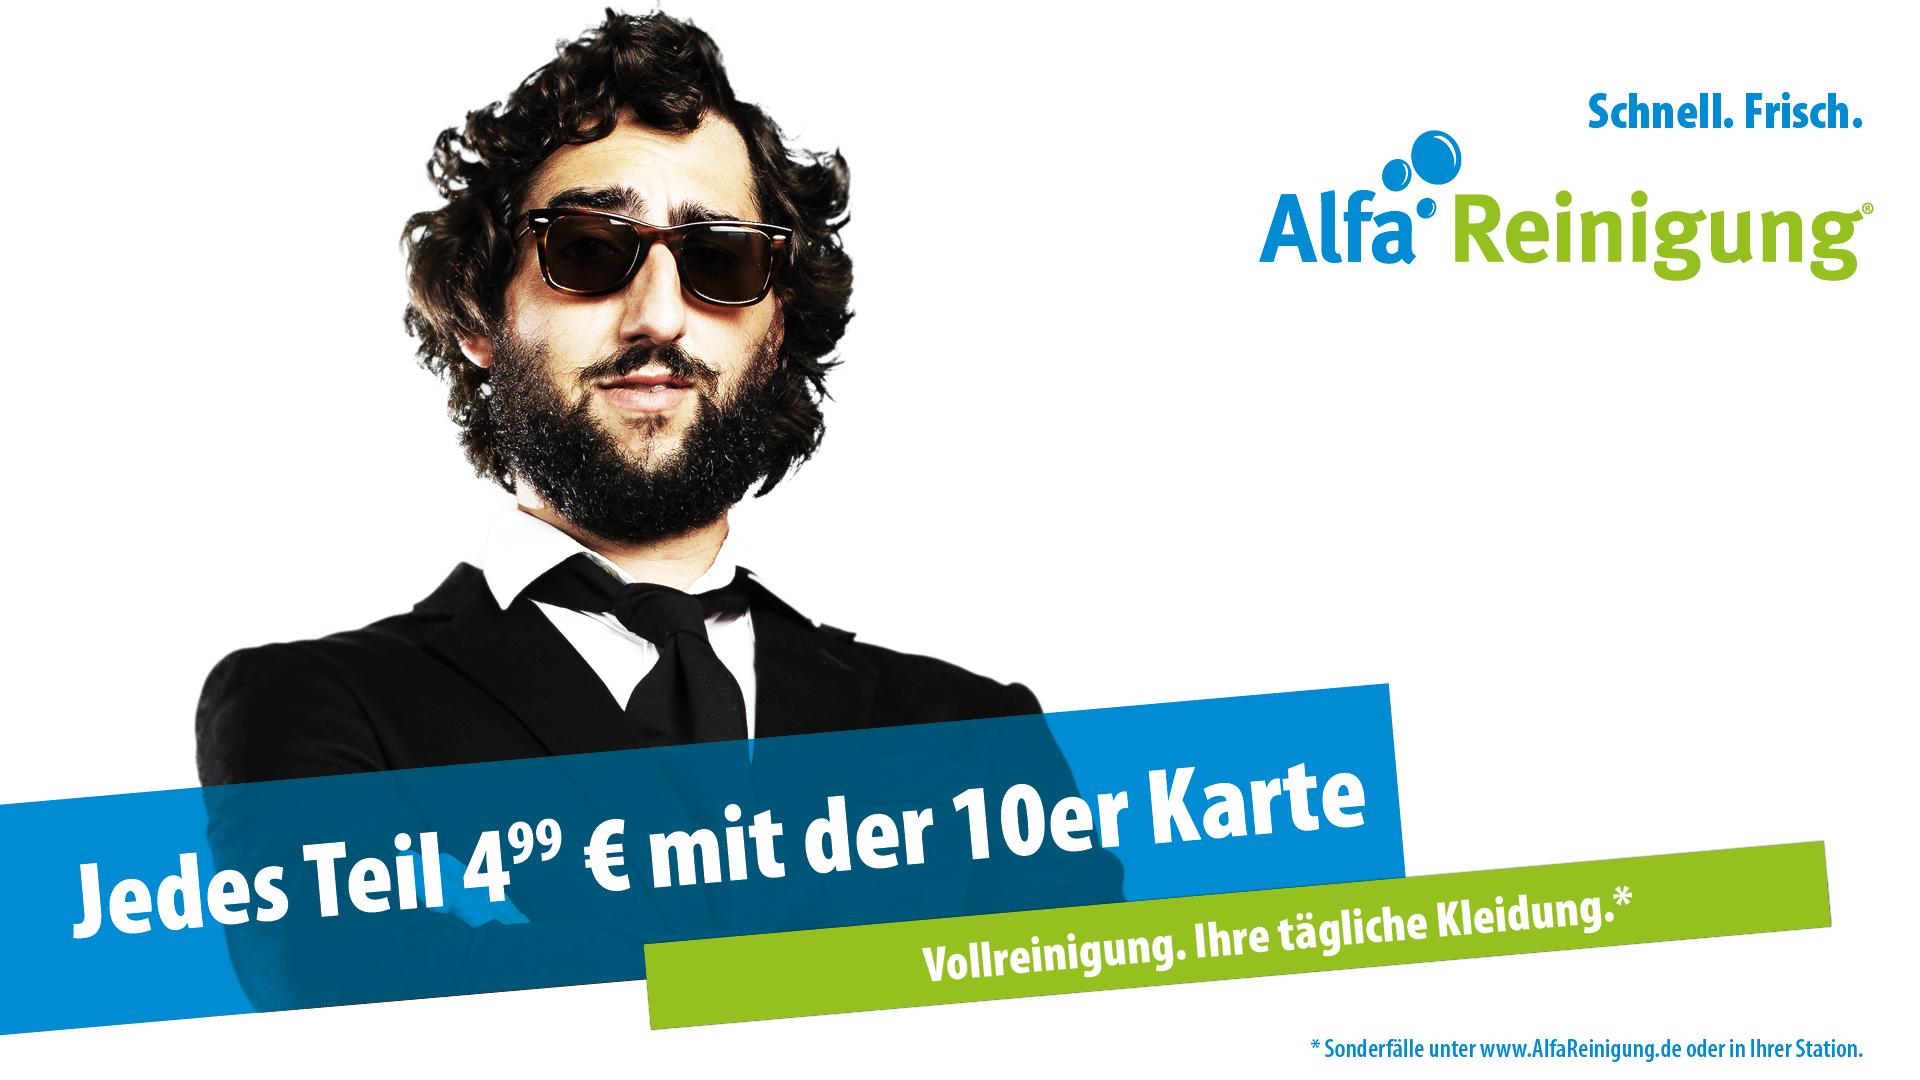 ALF-Screen-10erKarte499-Mann